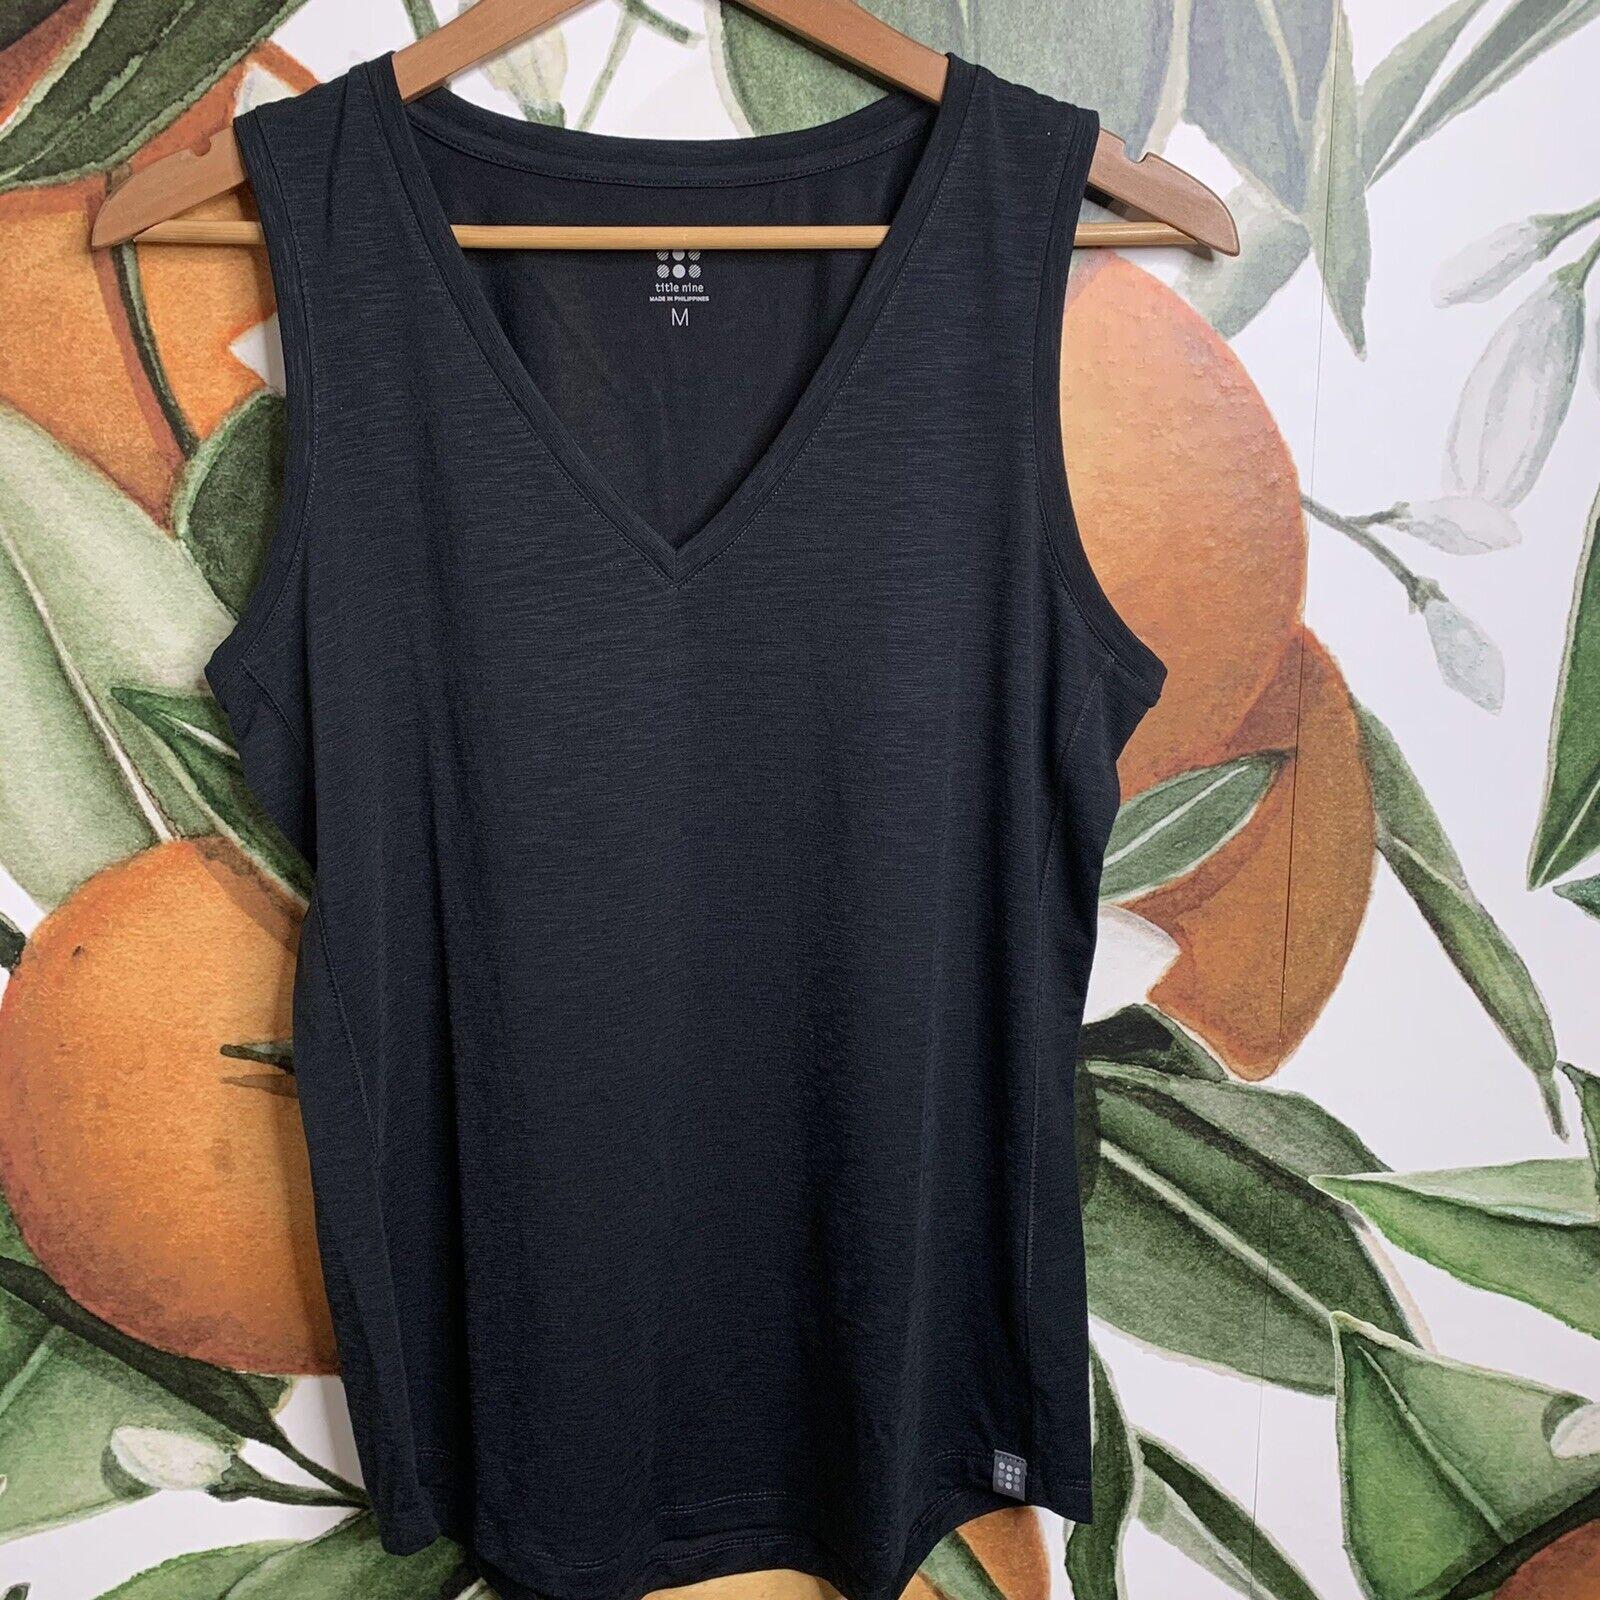 Title Nine Women's M Medium Matahari Sleeveless Tank Top Shirt Black NWOT RT